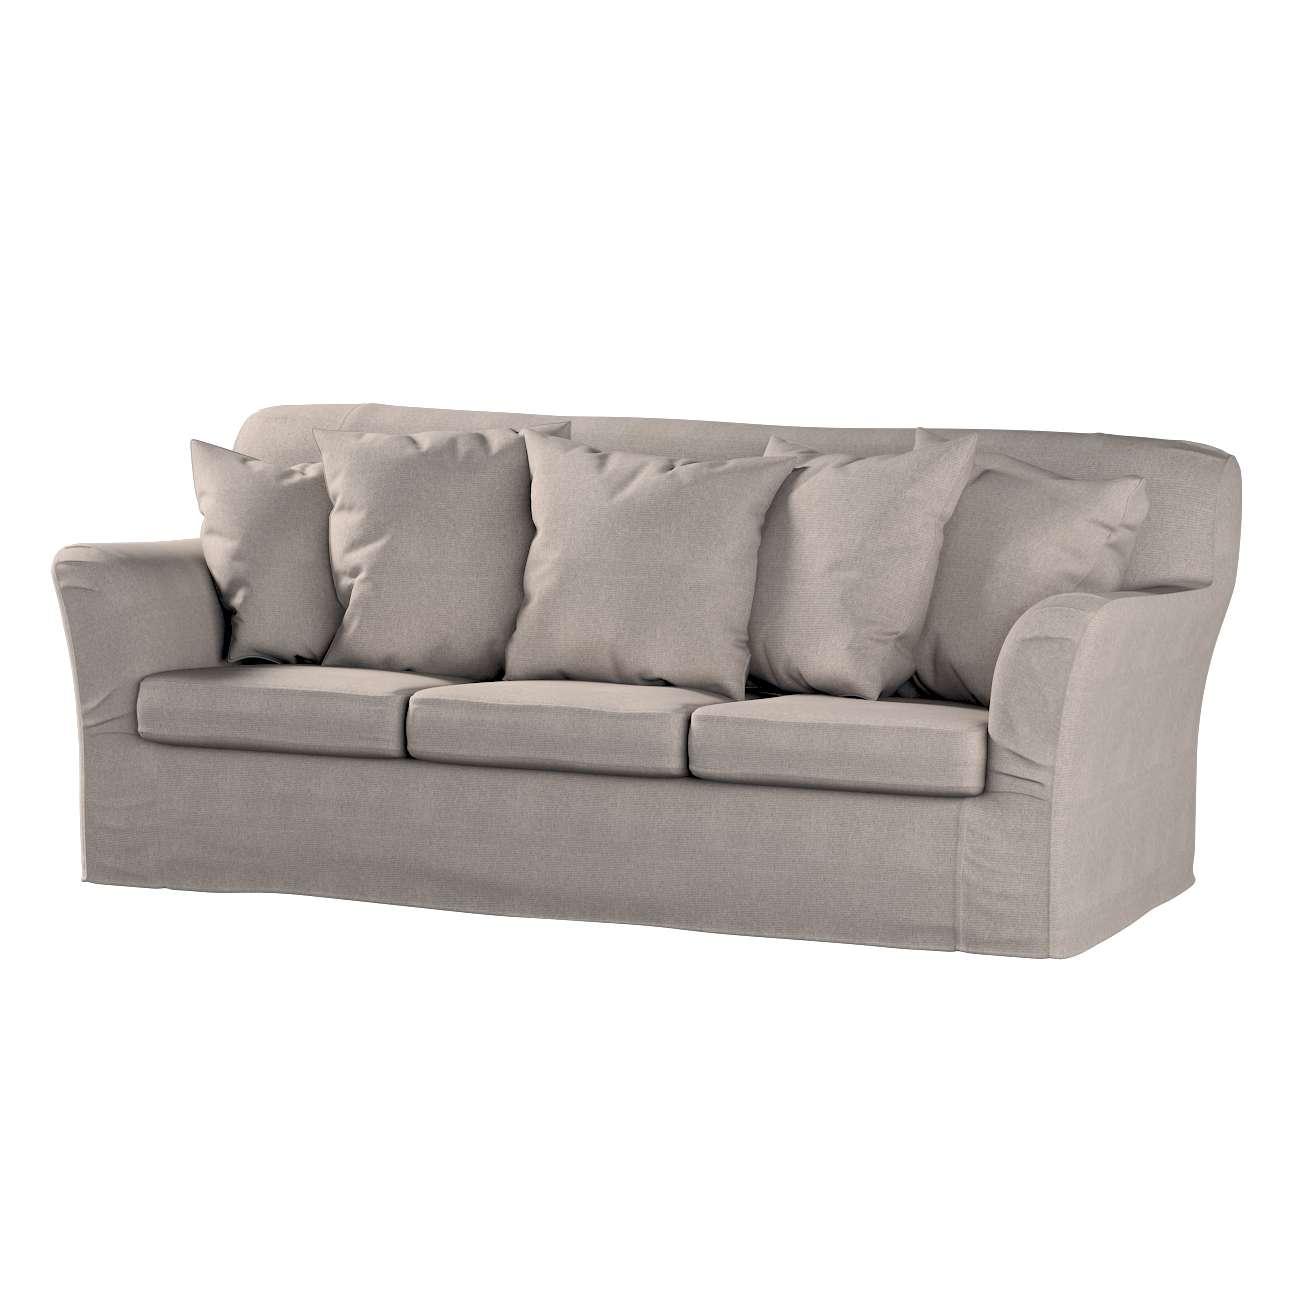 Tomelilla 3-Sitzer Sofabezug nicht ausklappbar Sofahusse, Tomelilla 3-Sitzer von der Kollektion Etna, Stoff: 705-09